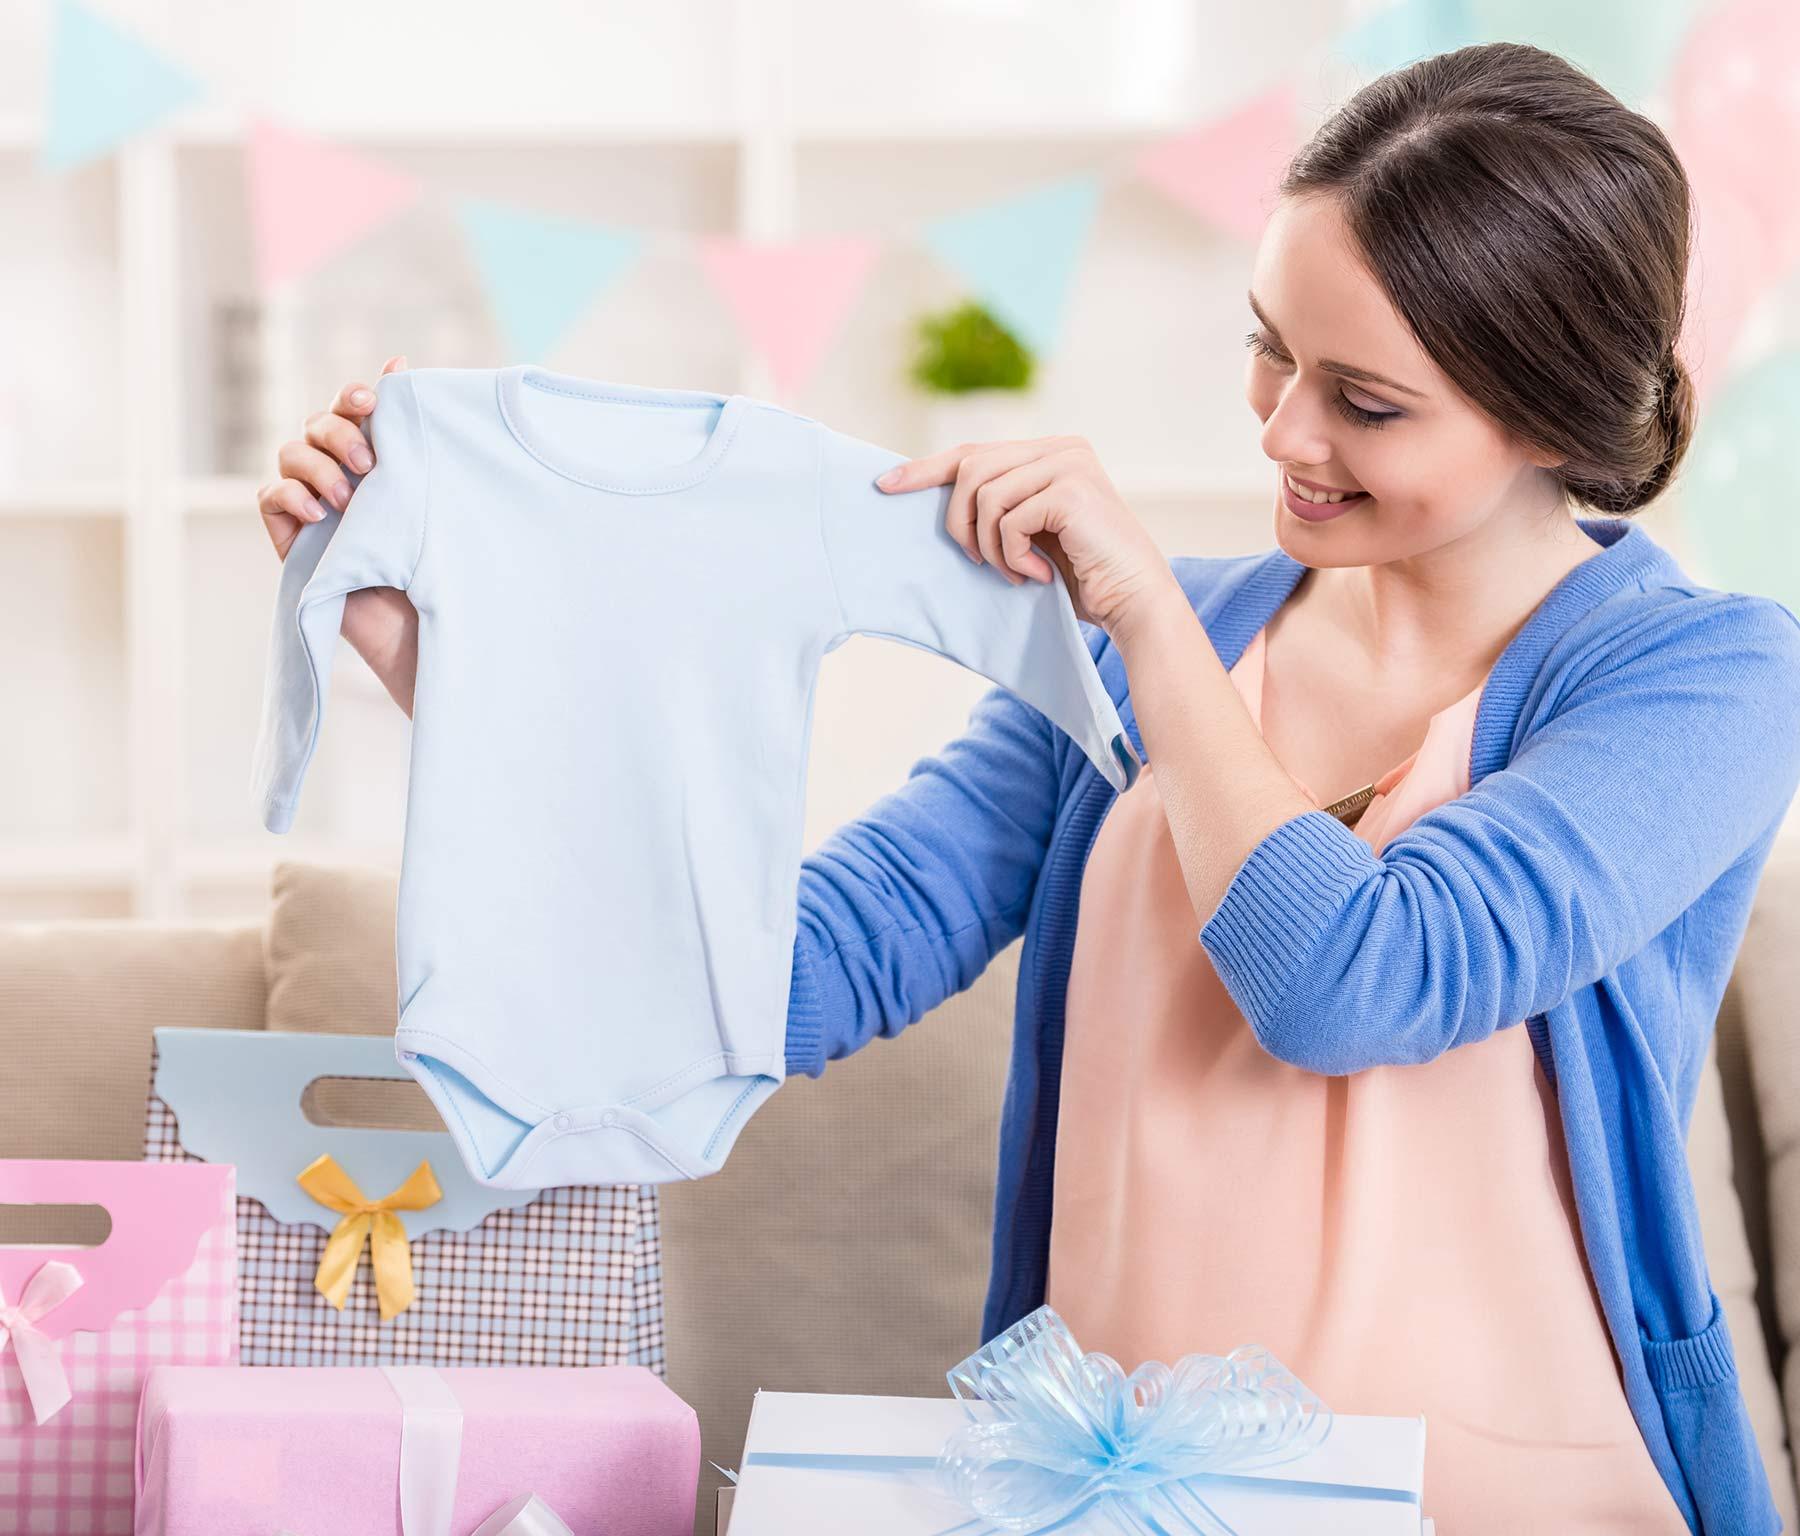 מה הכי חשוב במתנה ללידה ראשונה?